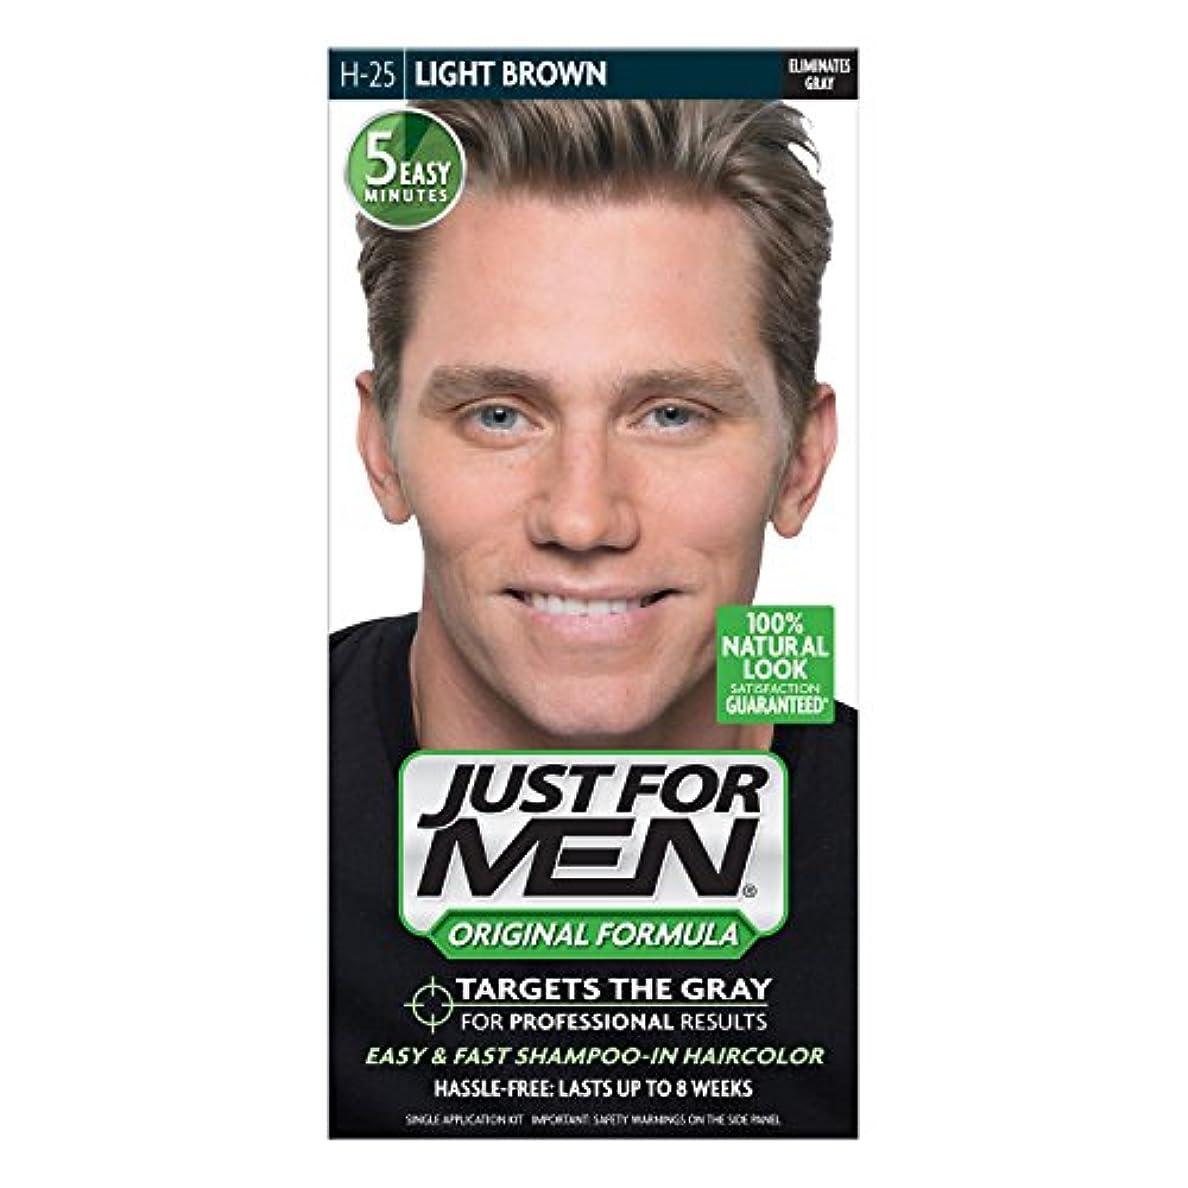 意欲ハリウッド文法Just For Men Shampoo-In Hair Color Light Brown # 25 1 Application (並行輸入品)